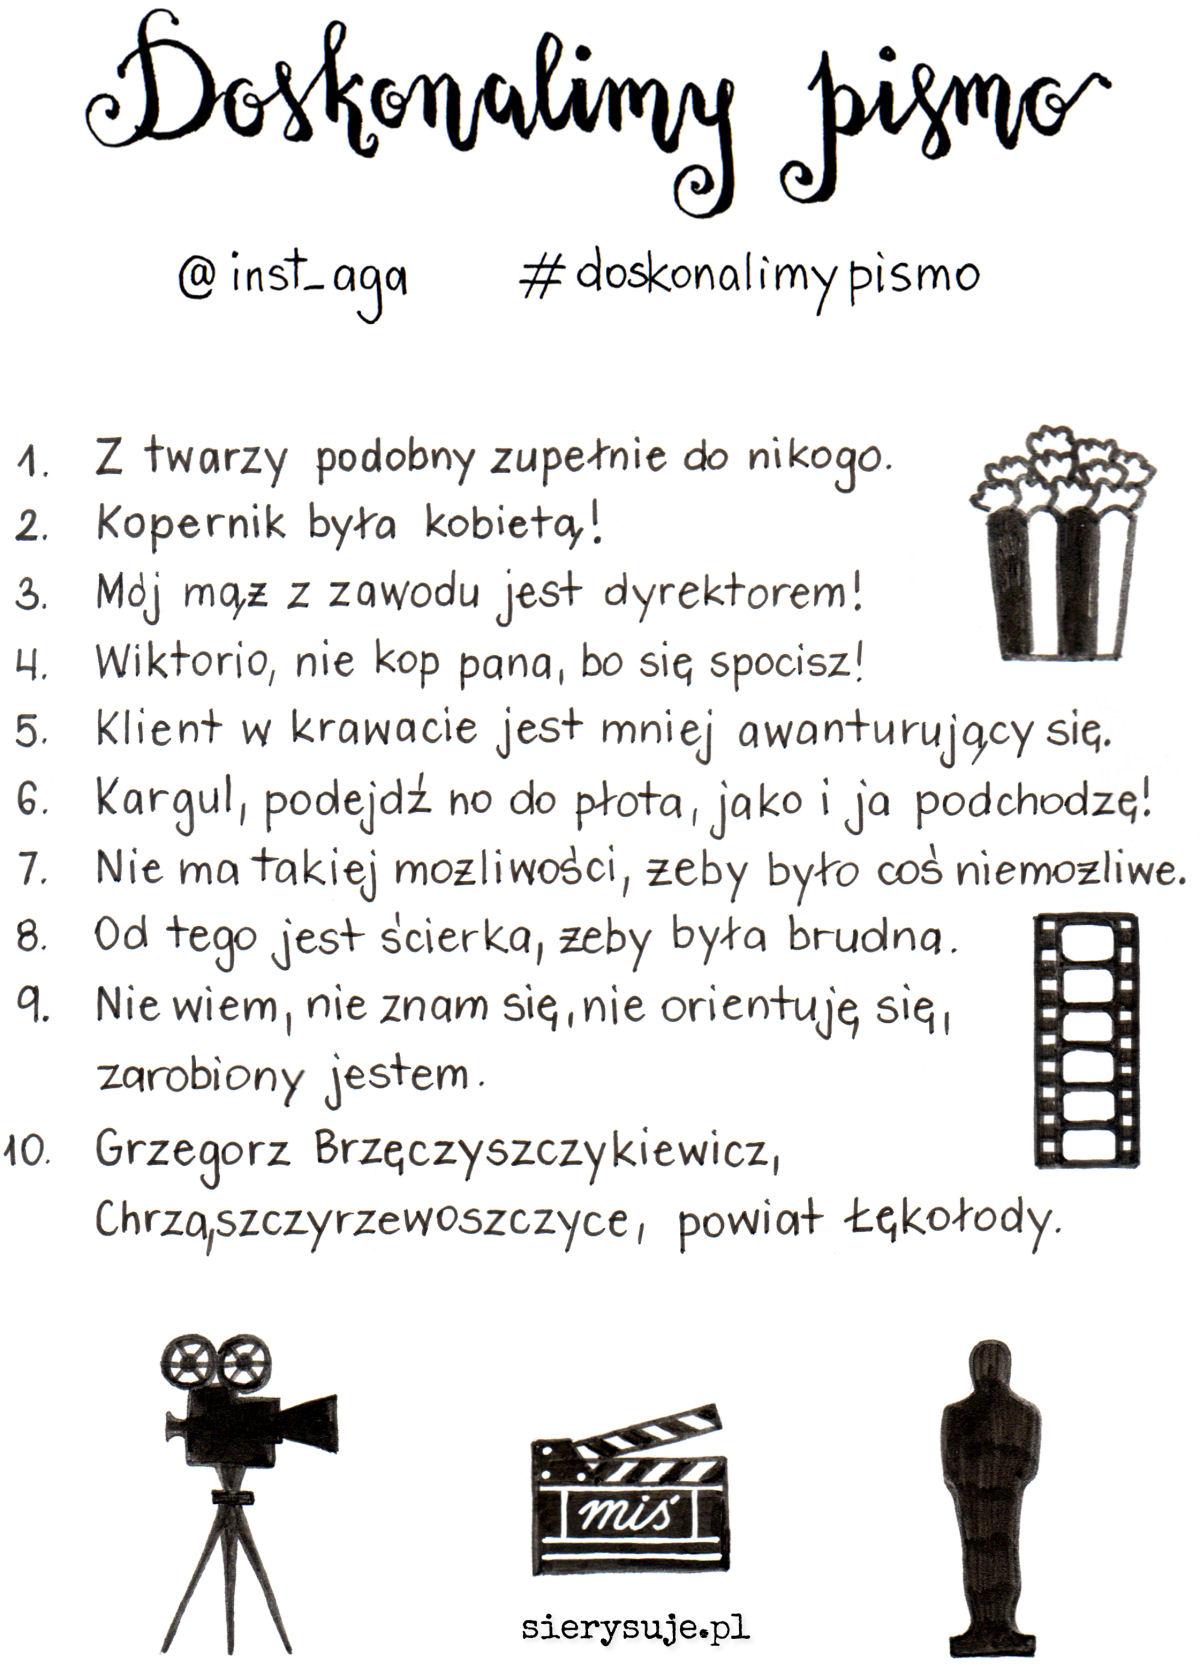 sierysuje.pl wyzwanie #doskonalimypismo